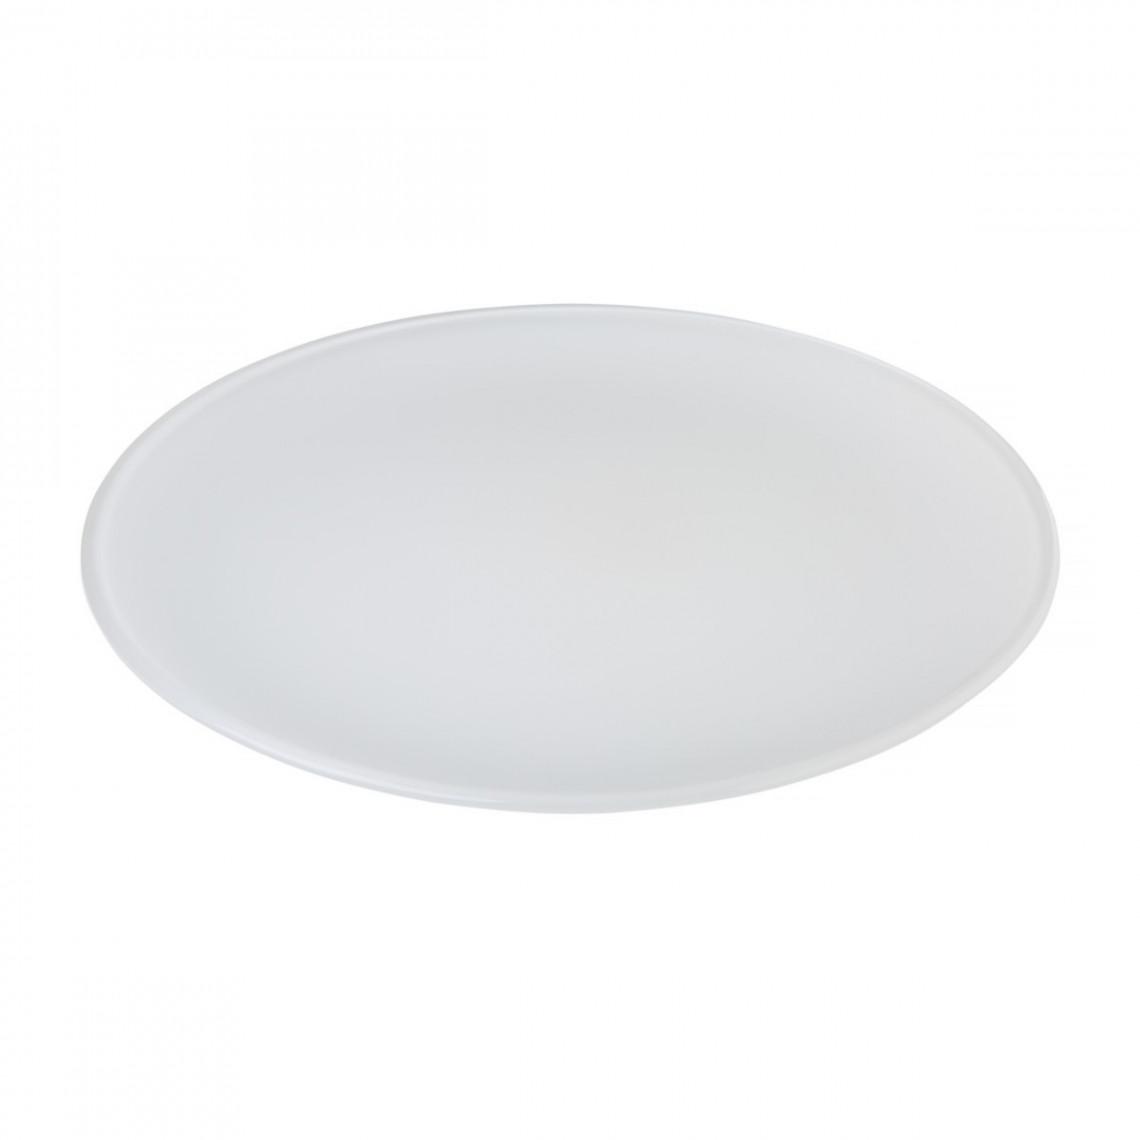 Assiette cocktail Optic blanche (Ø32